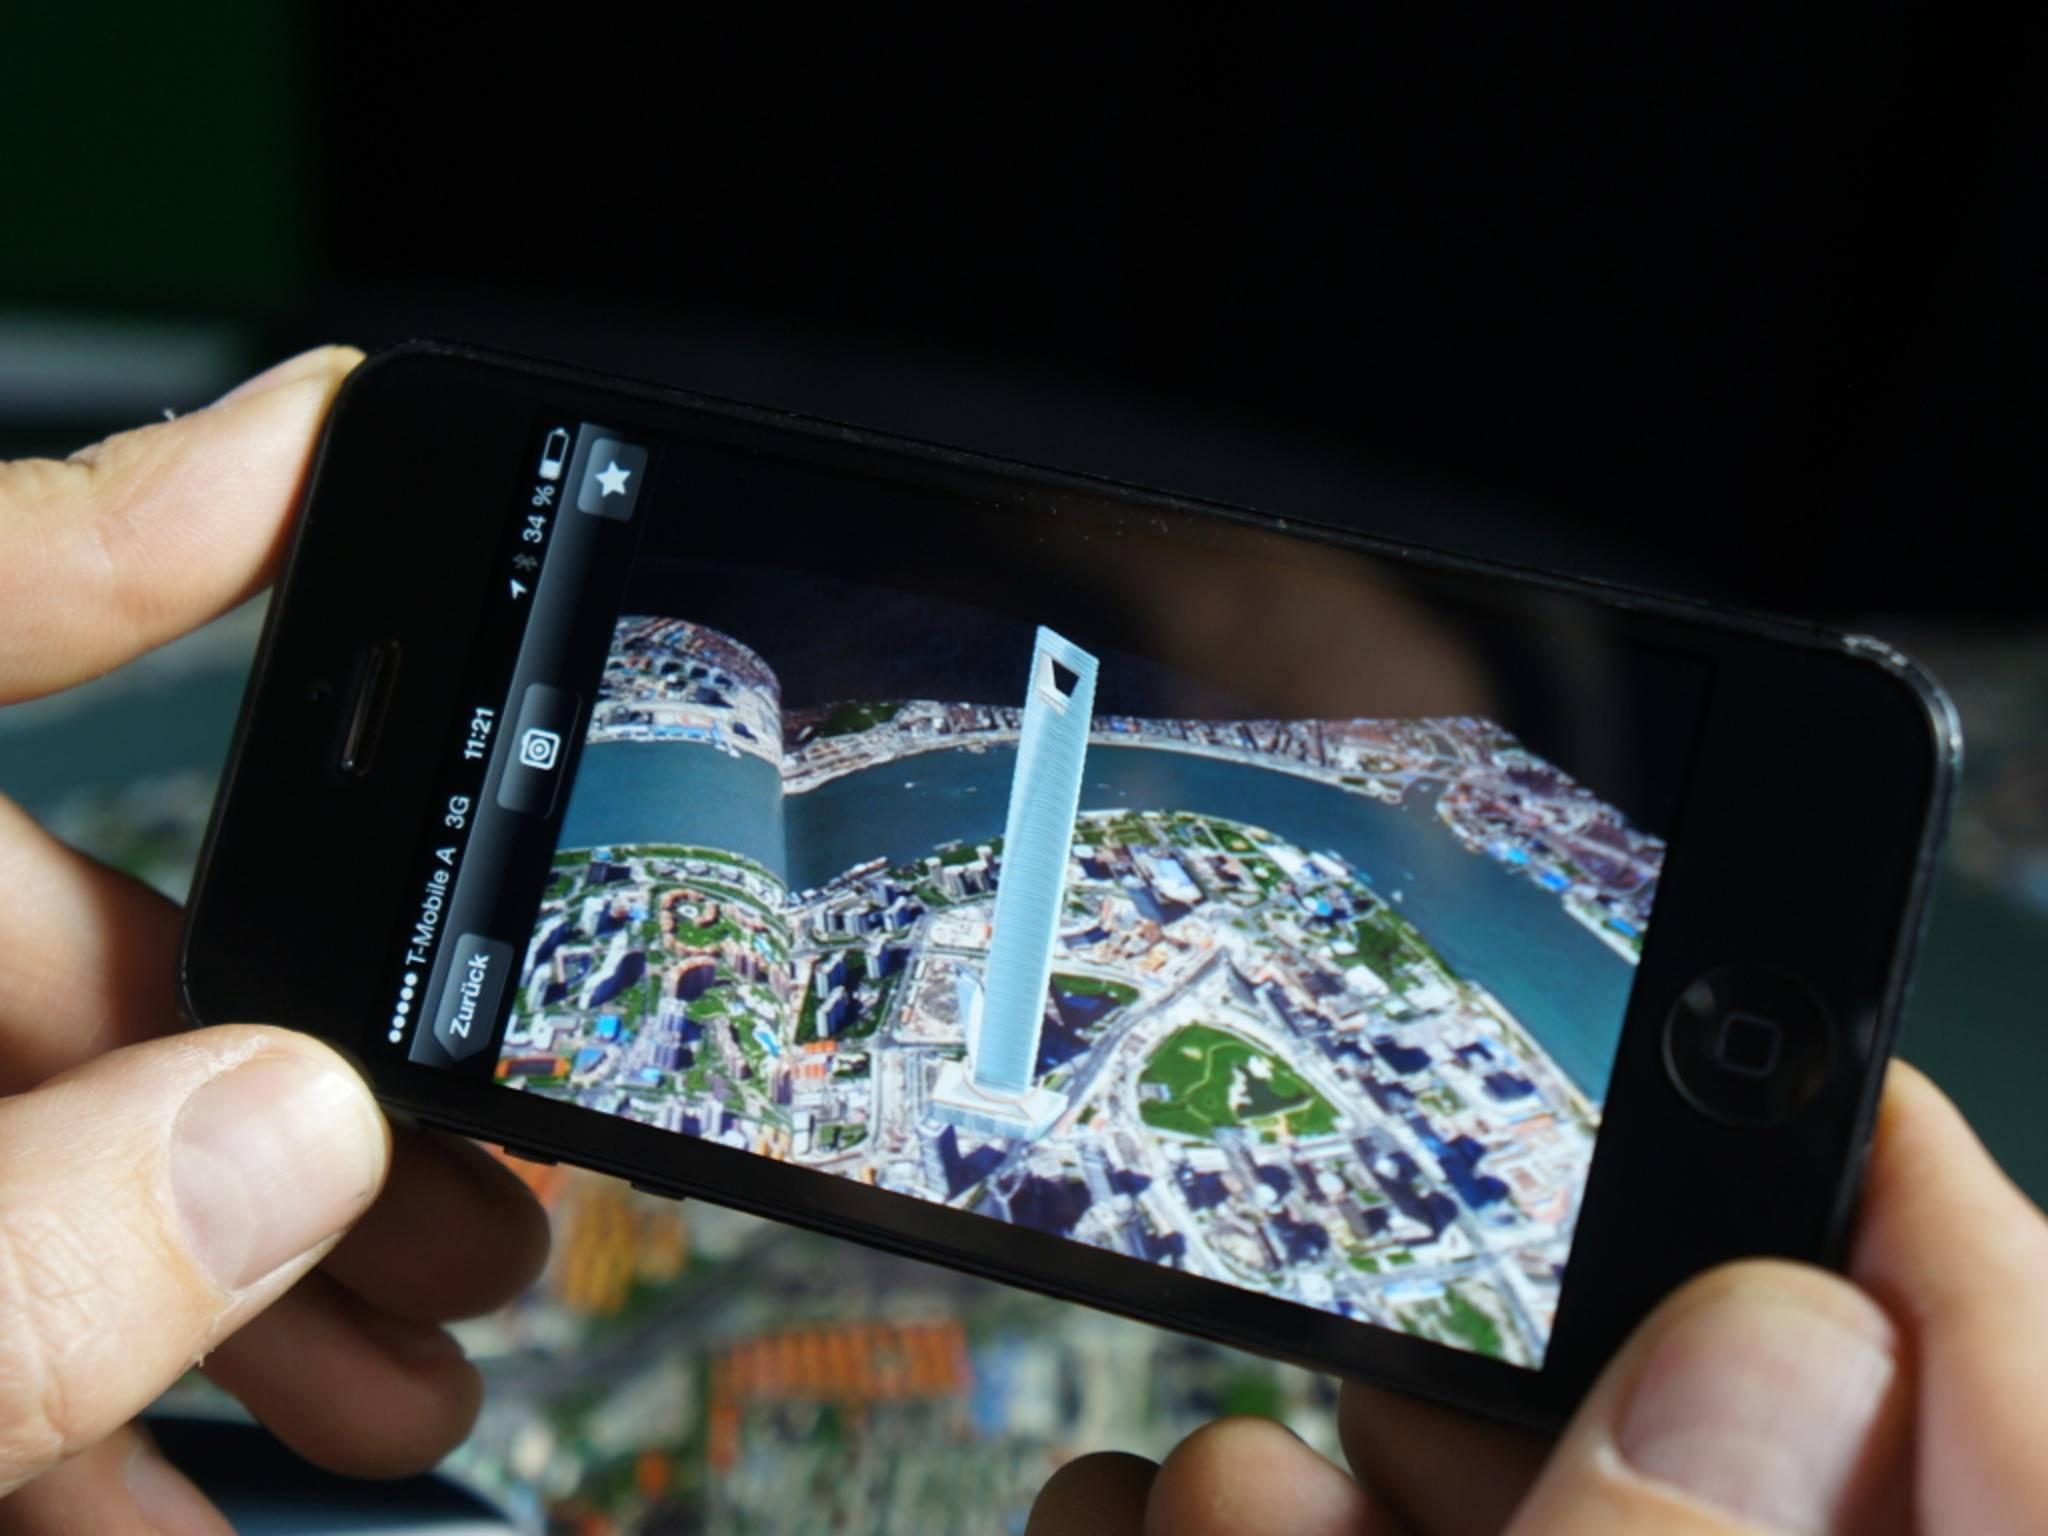 Das Smartphone eignet sich perfekt für Augmented-Reality-Anwendungen.